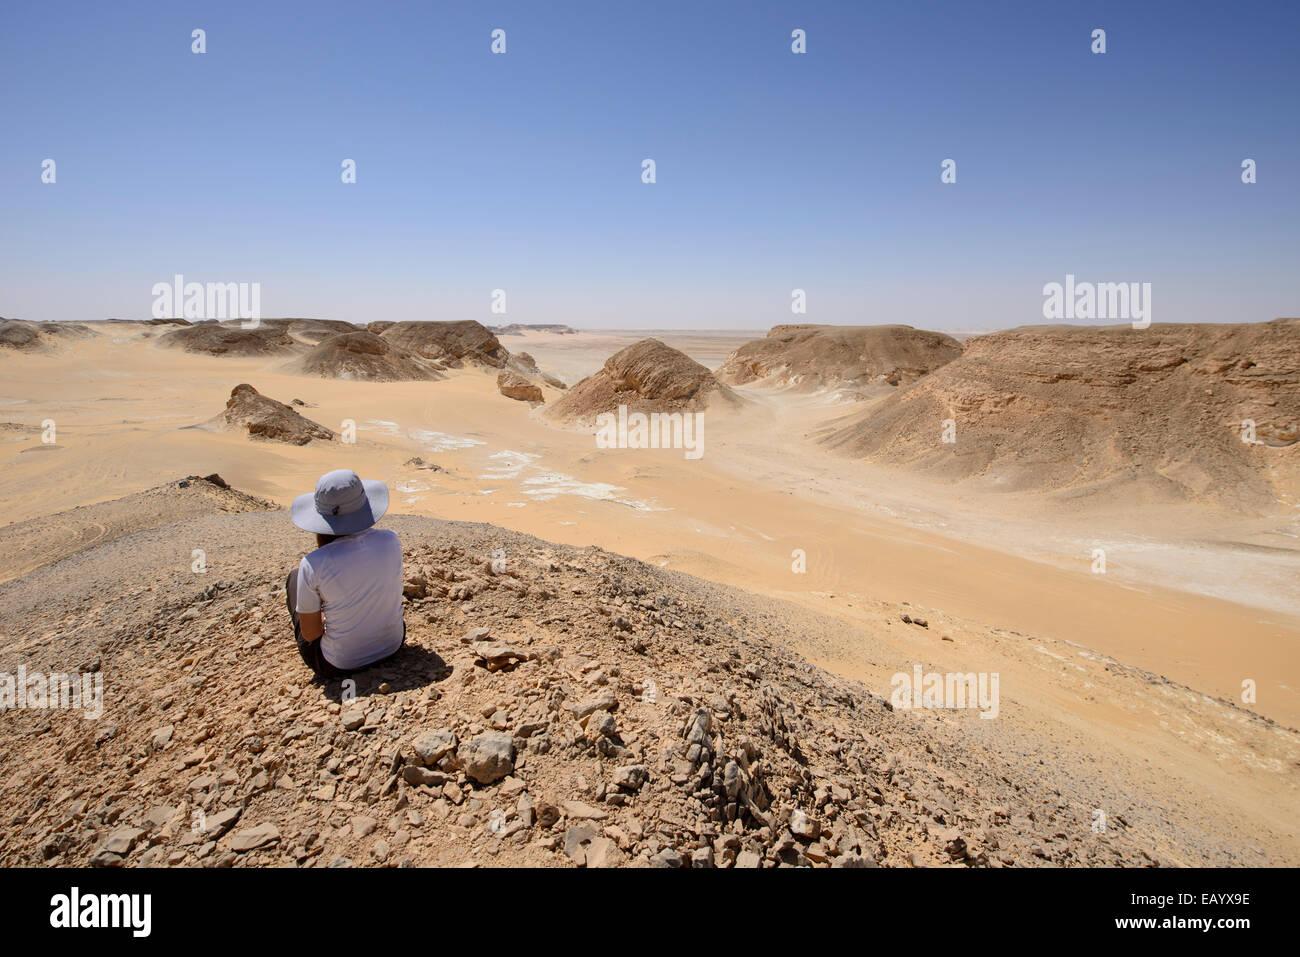 White desert, Sahara, Egypt - Stock Image